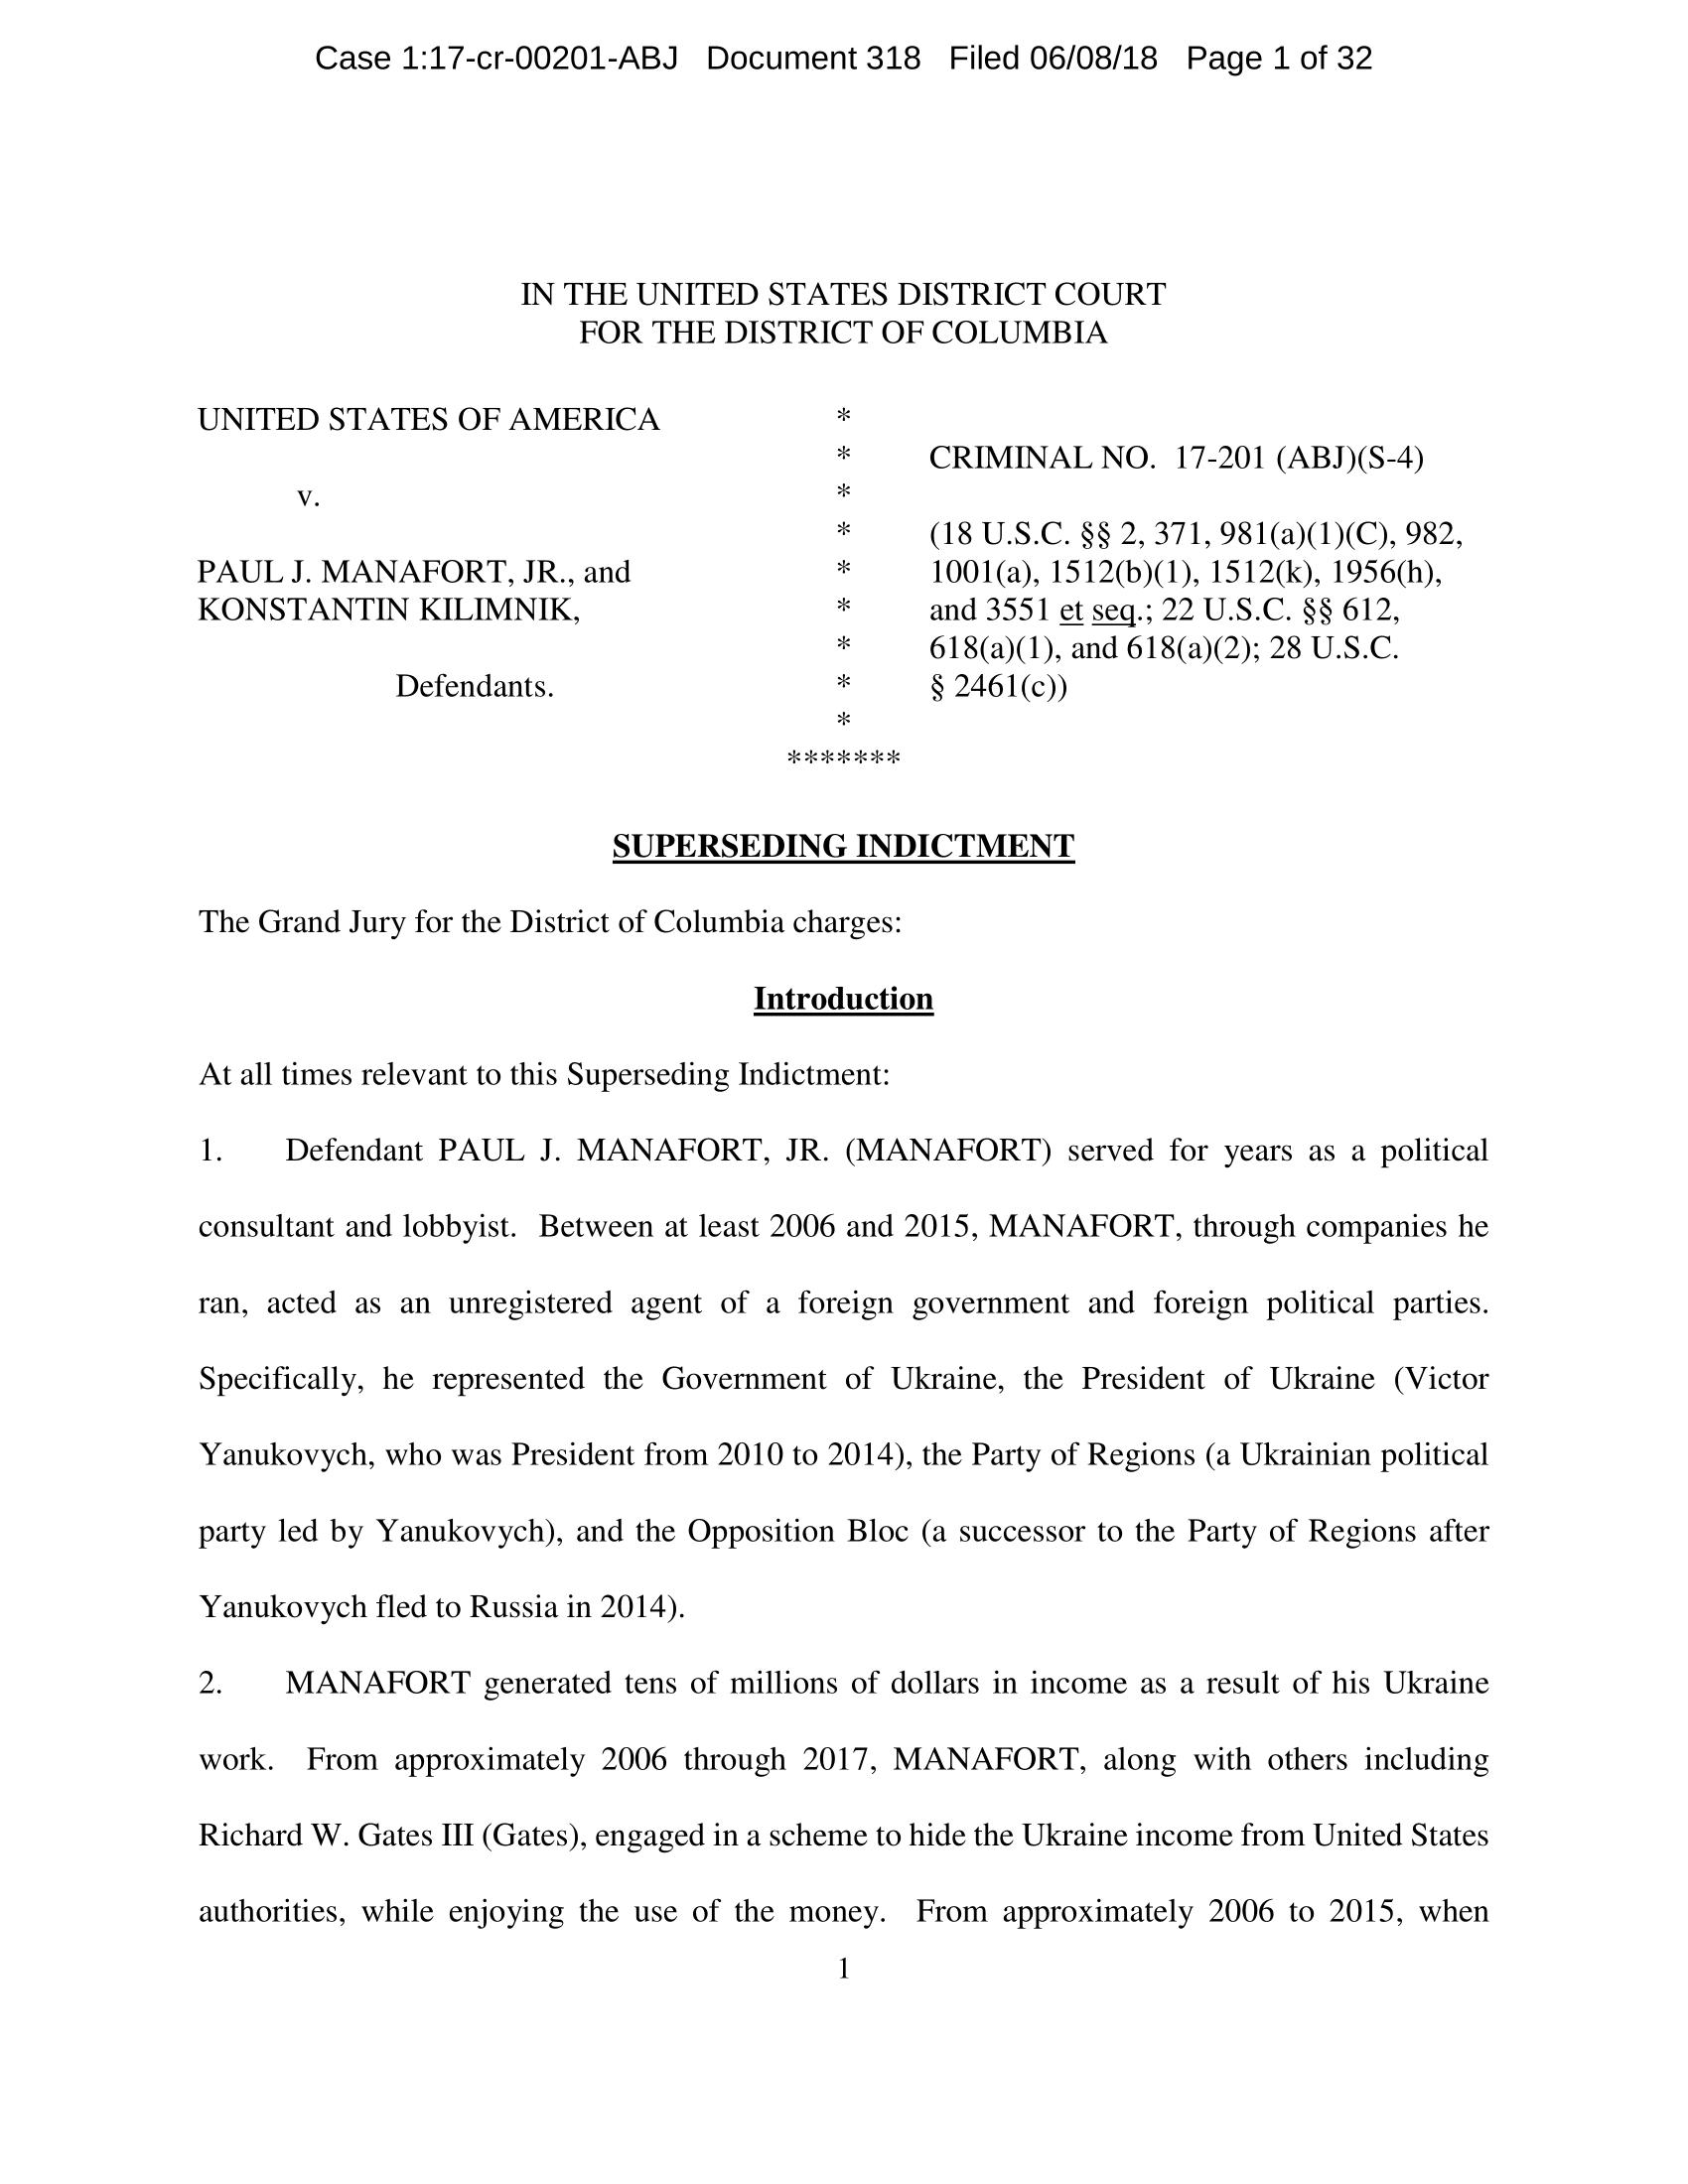 Paul Manafort & Konstantin Kilimnik Superseding Indictment